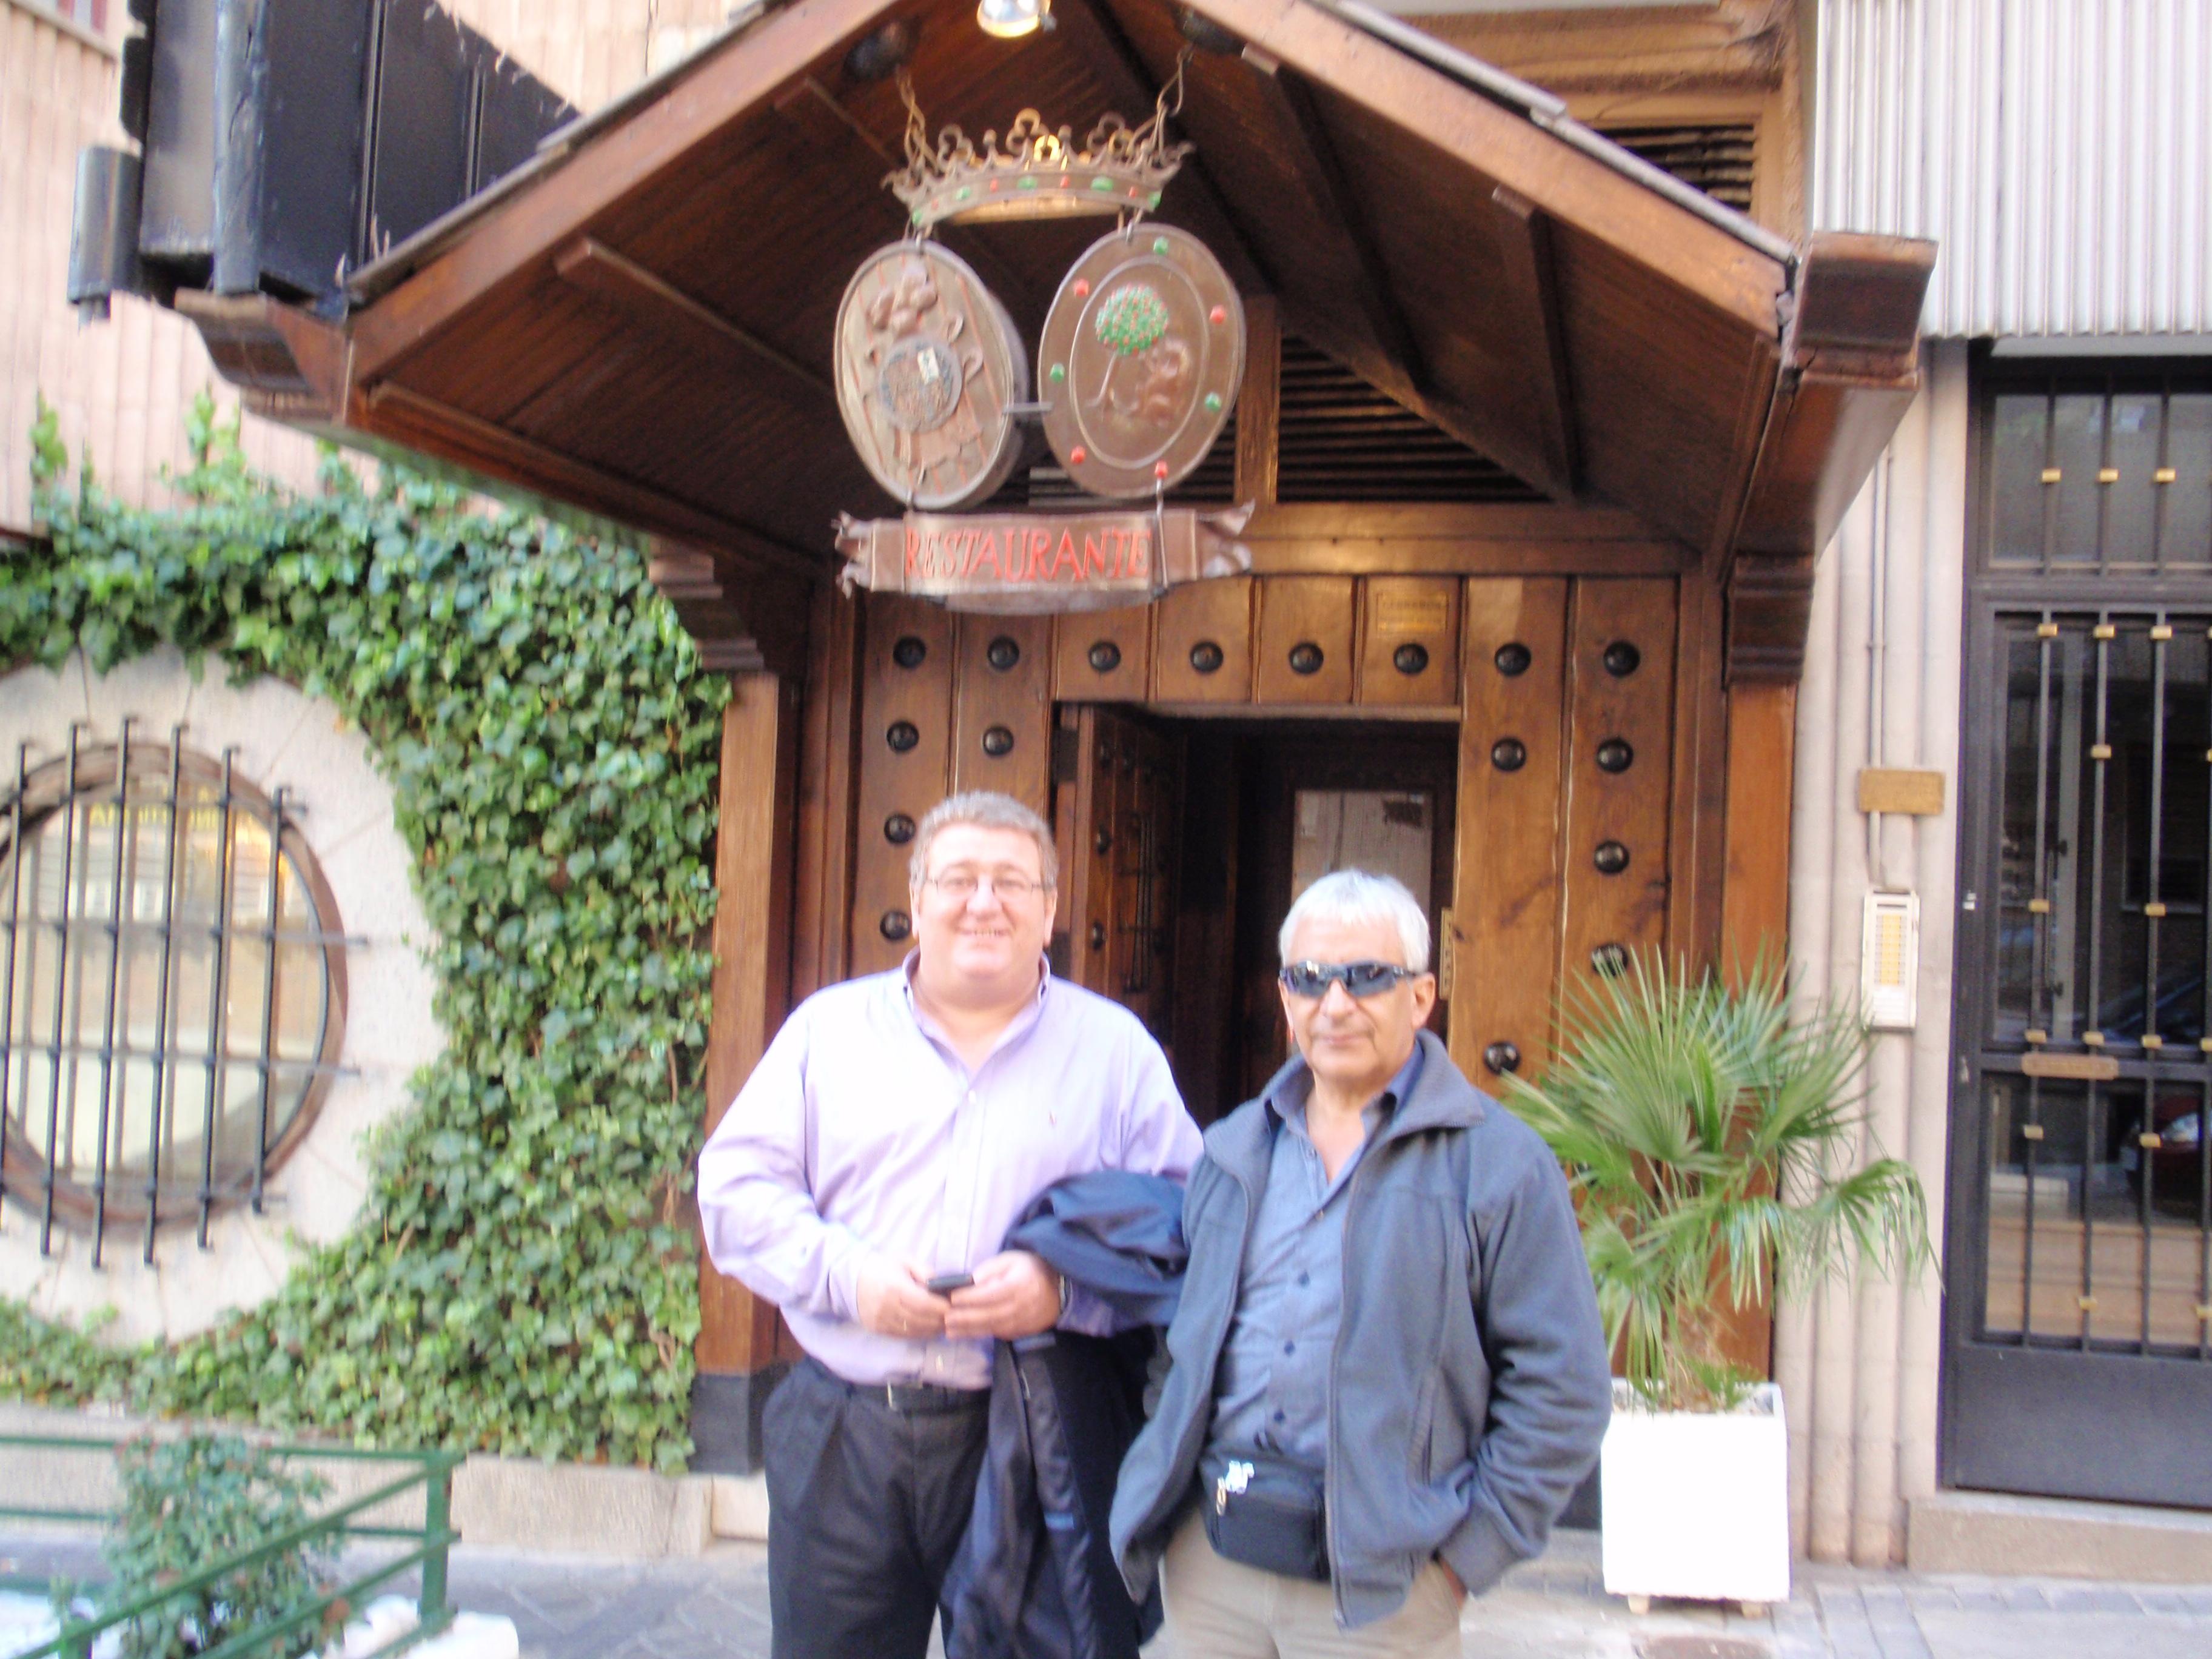 Con Omar, el minero chileno rescatado, en el Asador Donostiarra.